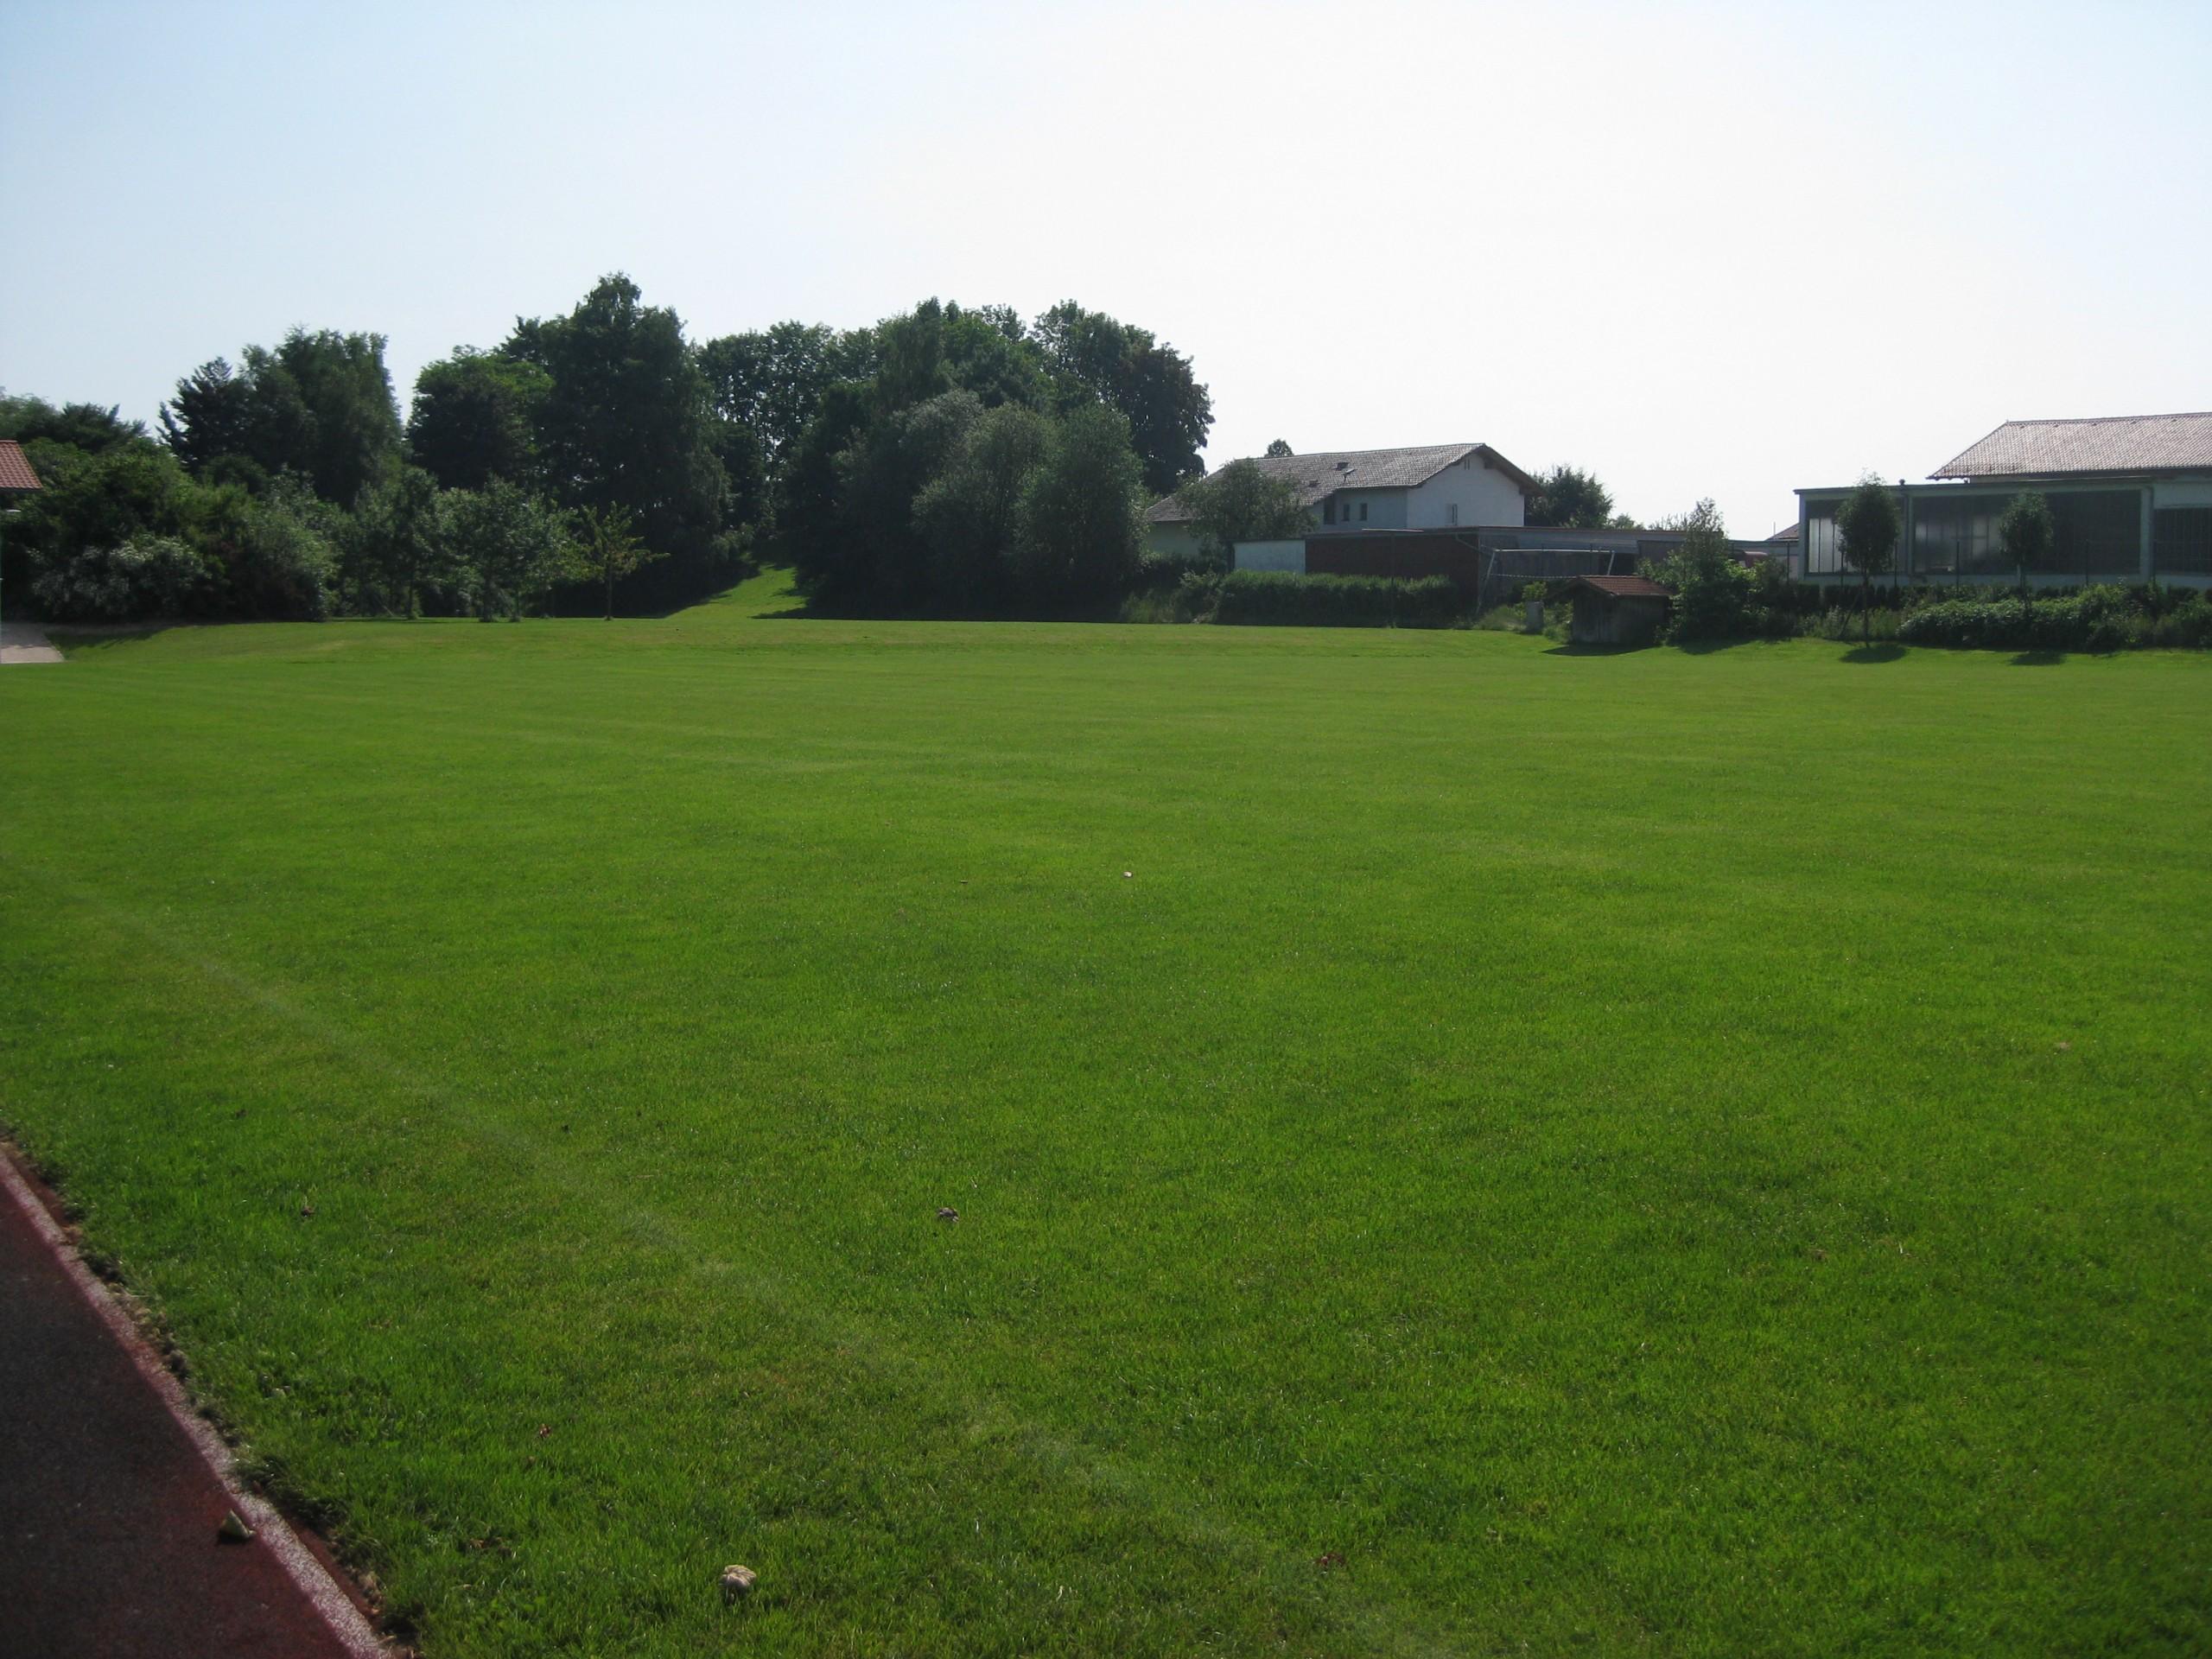 Erstes Bild des Fußballplatzes